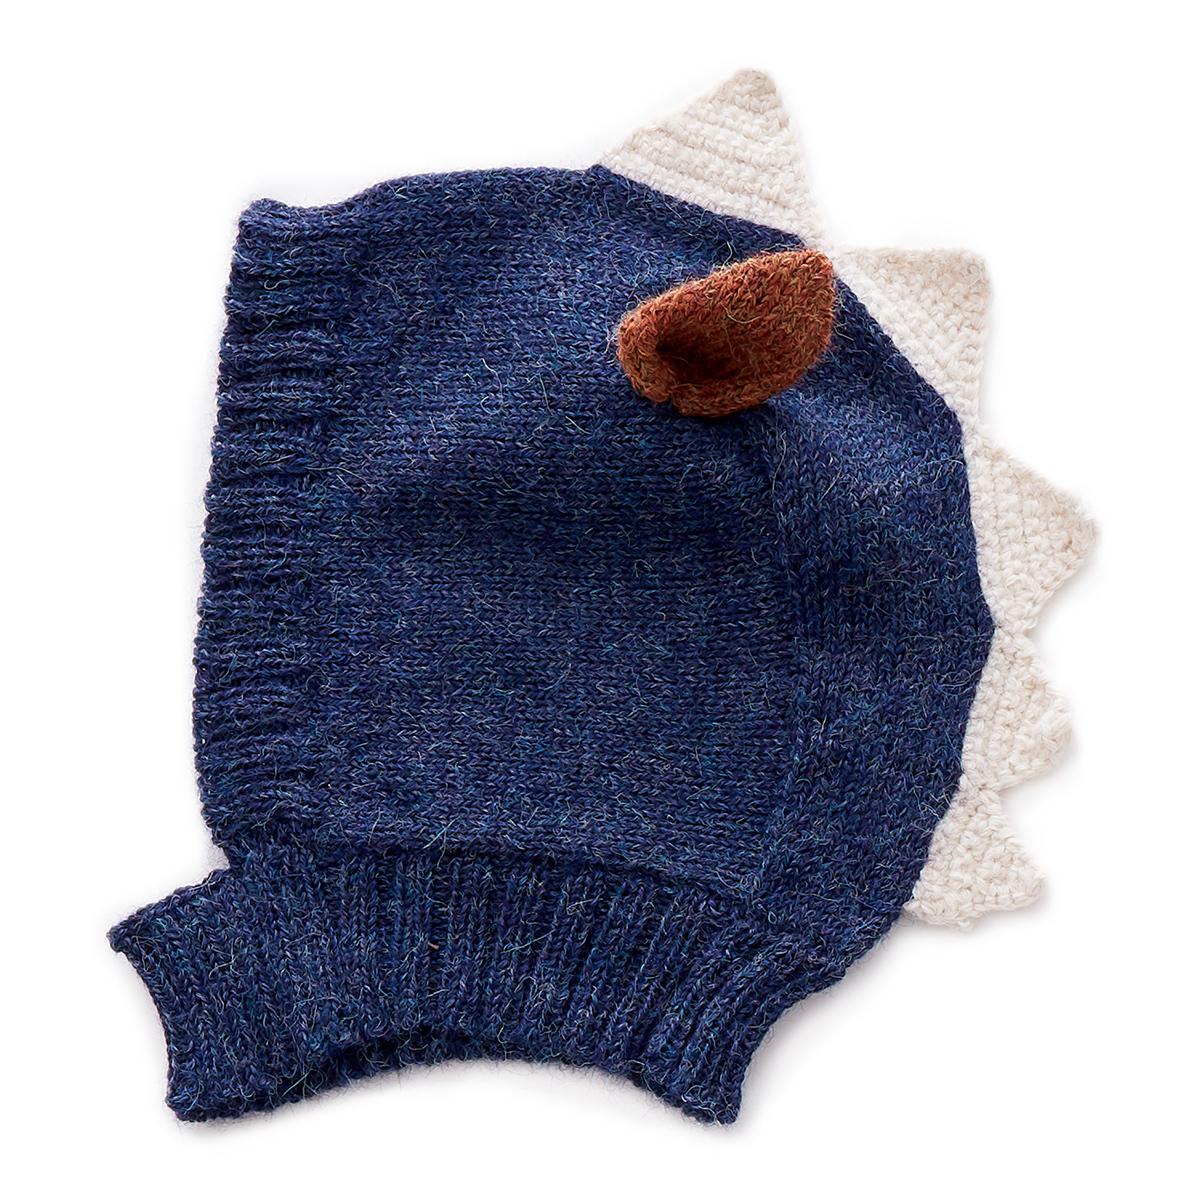 Accessoires Bébé Bonnet Monstre Bleu - 0/6 Mois Bonnet Monstre Bleu - 0/6 Mois